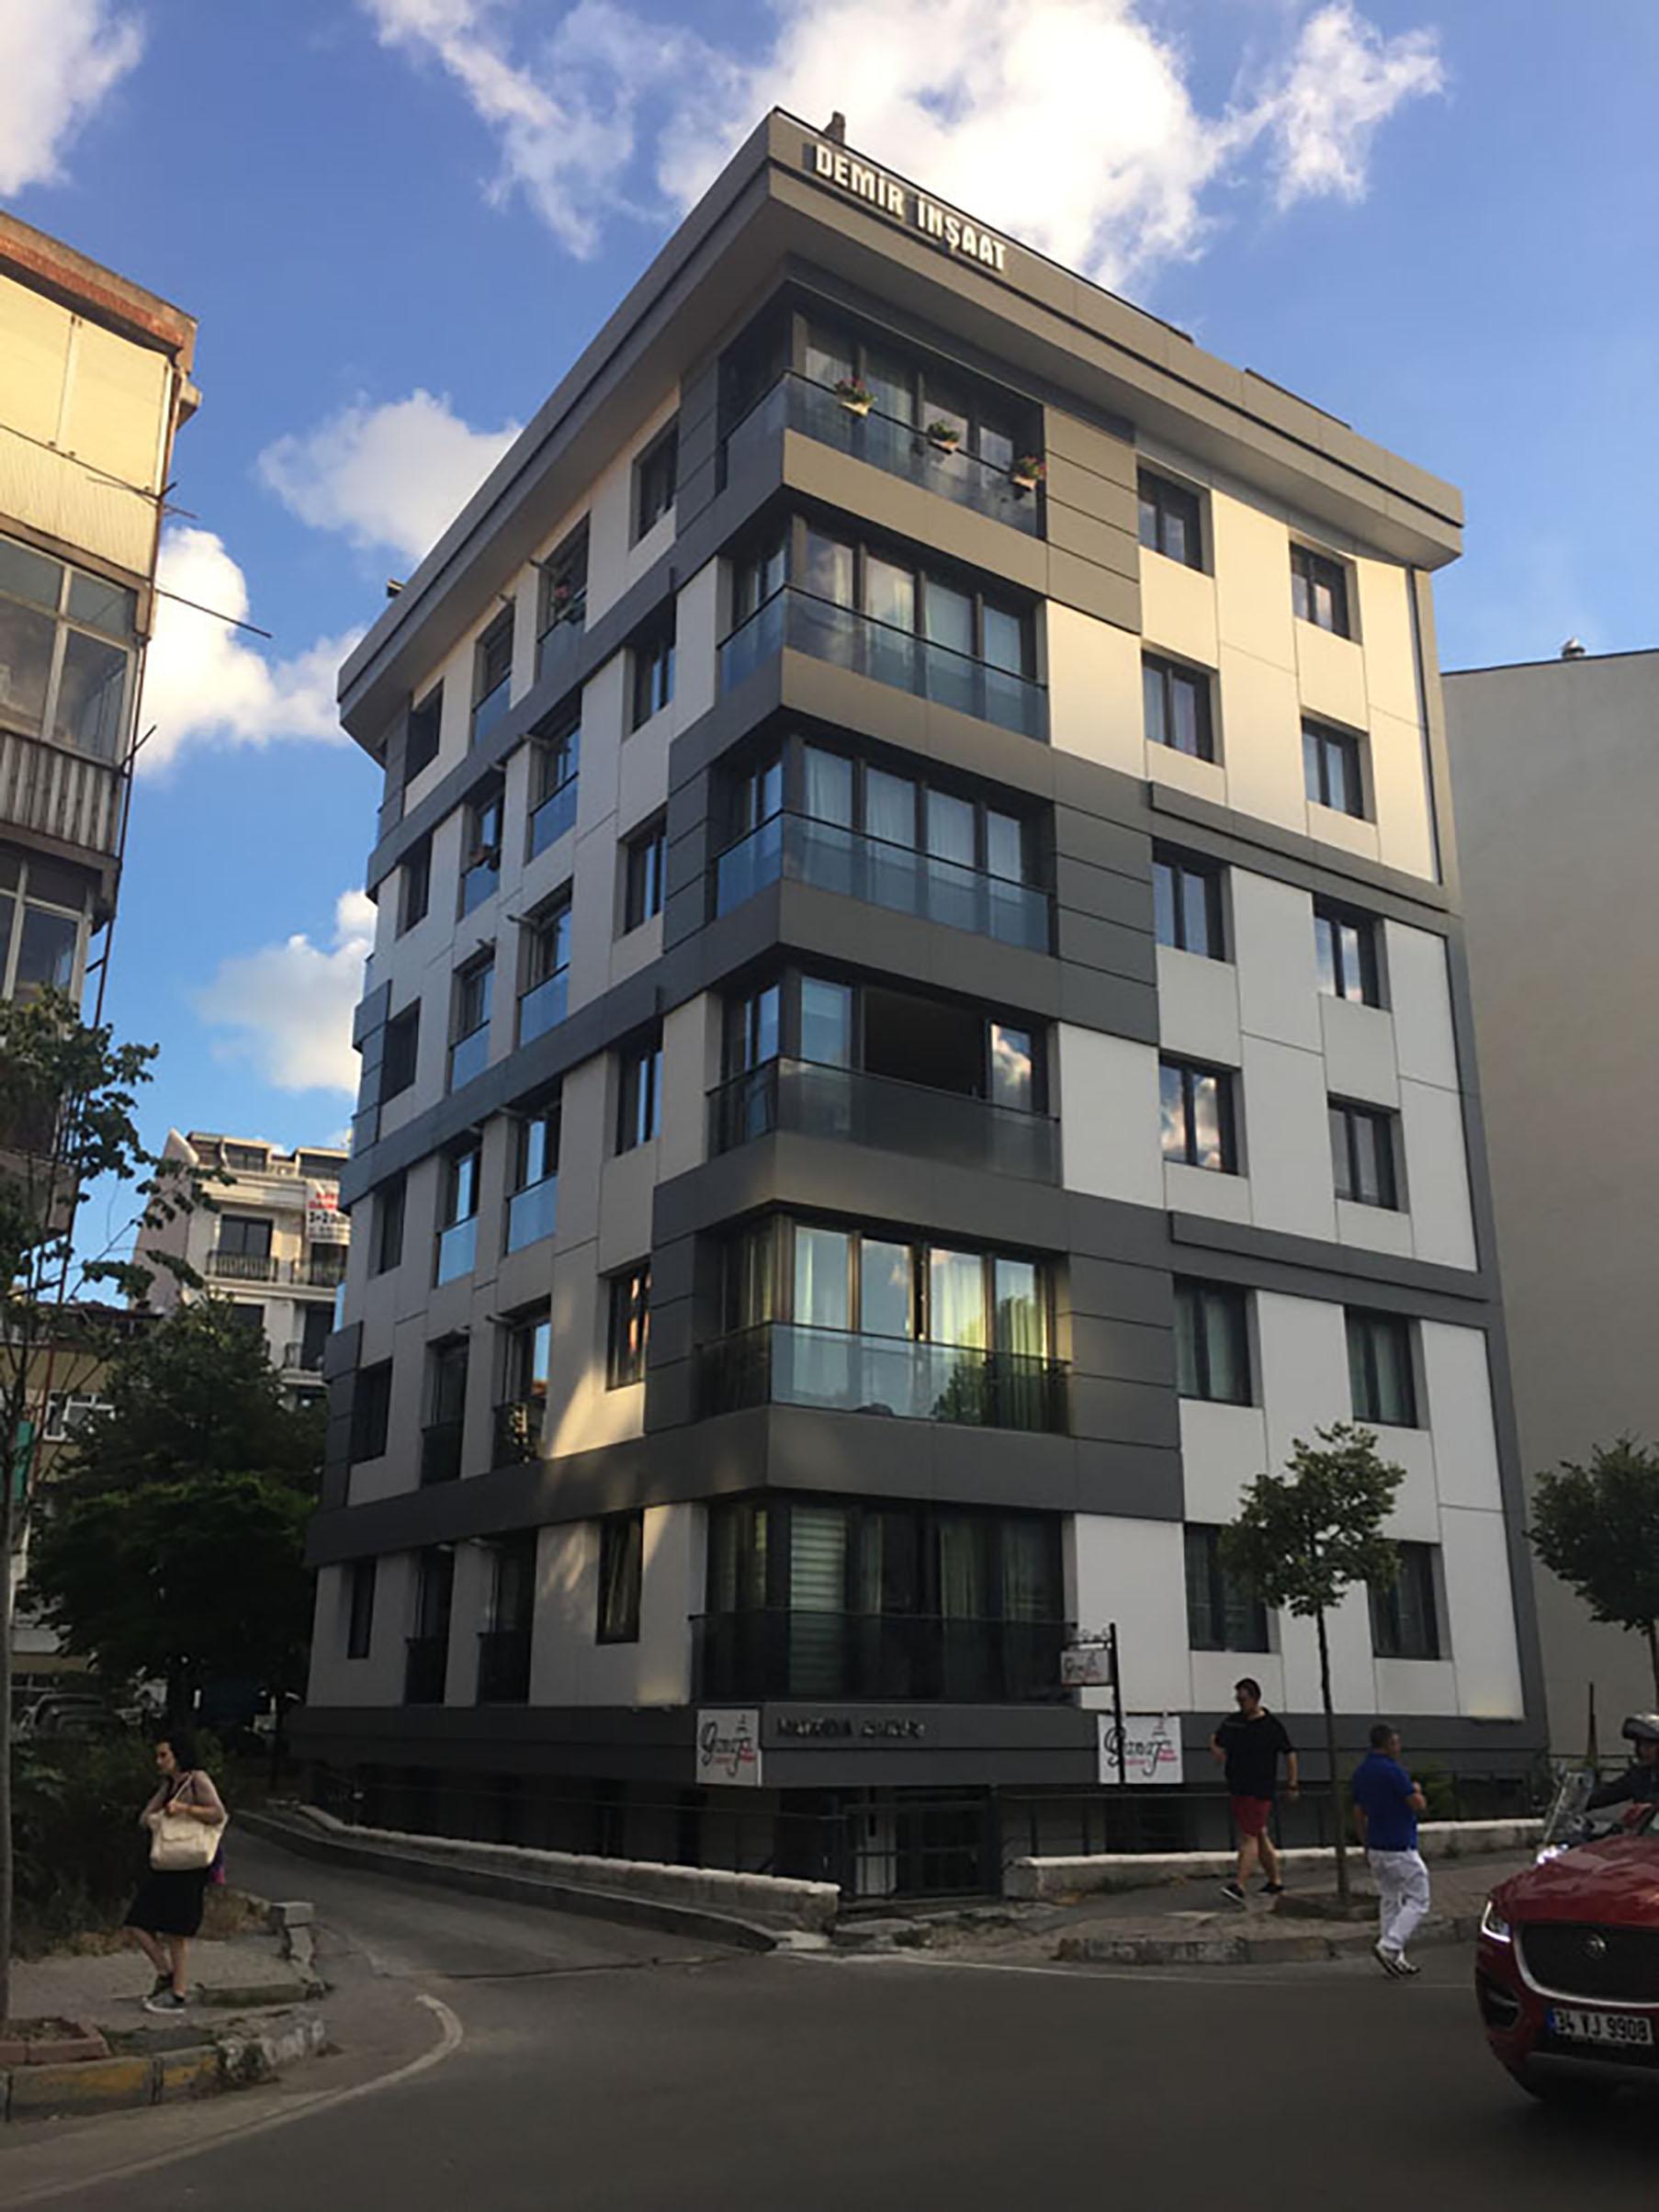 Manolya Residence, Besiktas